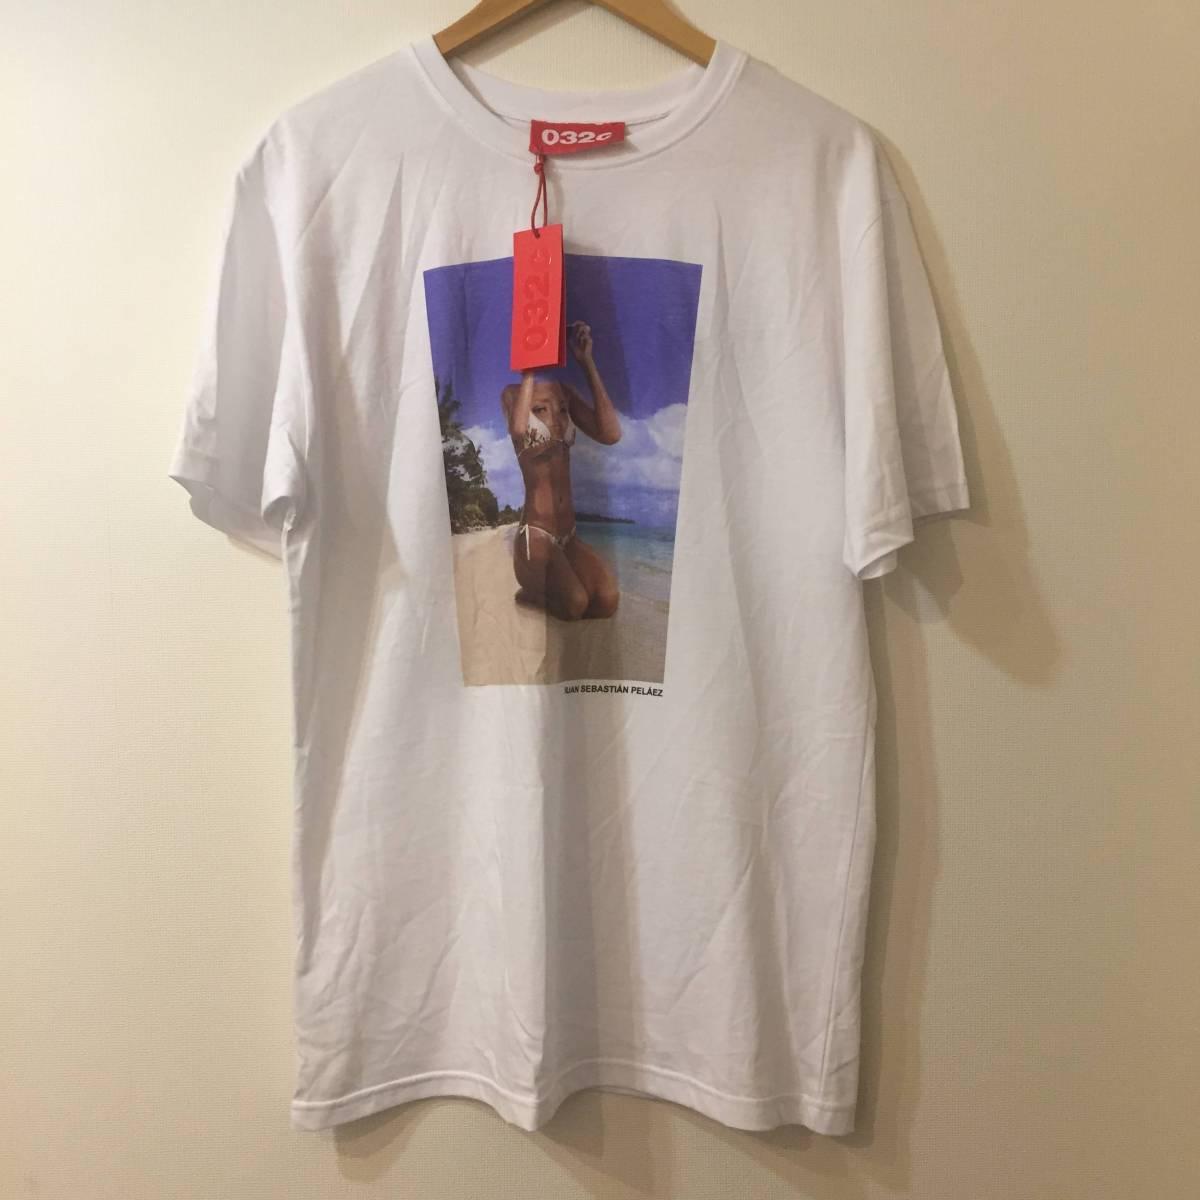 正規品 032c x Eytys Rihanna T-Shirt M リアーナ 新品 未使用 032c購入